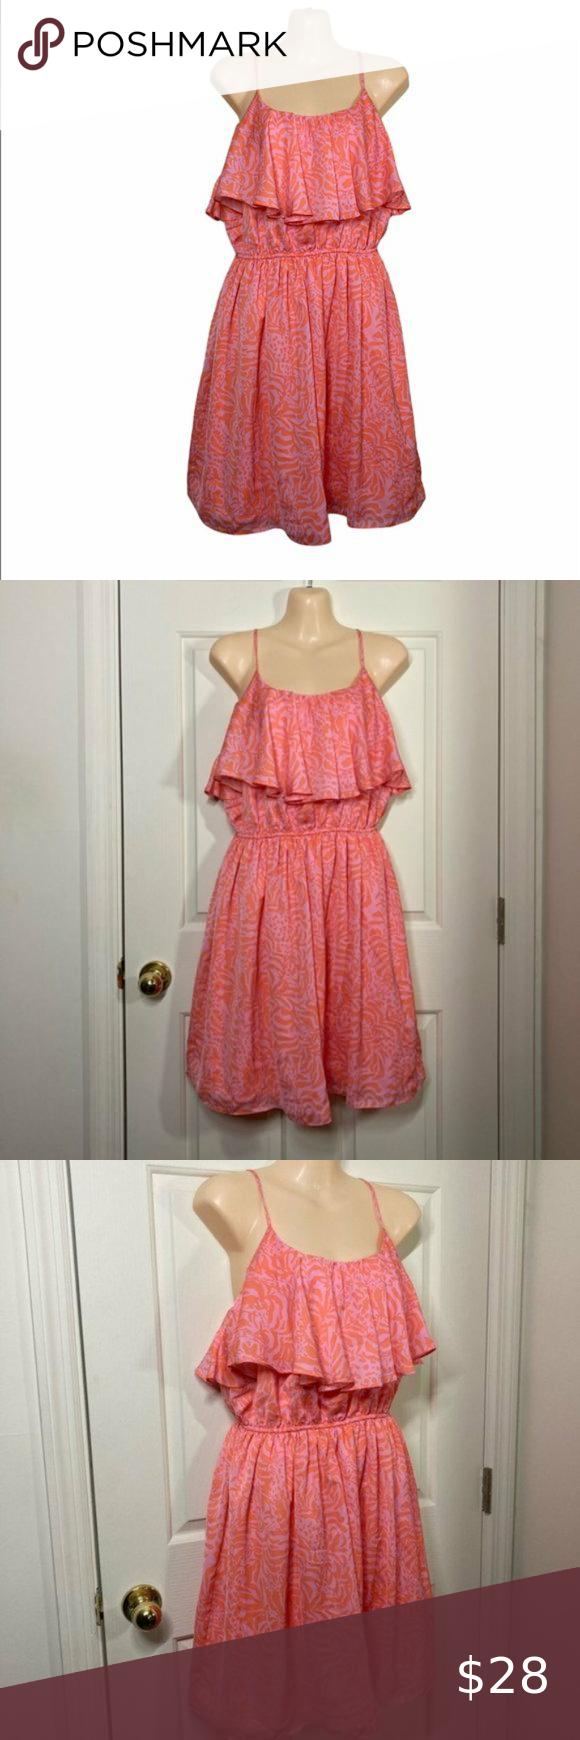 Lilly Pulitzer For Target Pink Orange Dress In 2020 Clothes Design Orange Dress Dresses [ 1740 x 580 Pixel ]